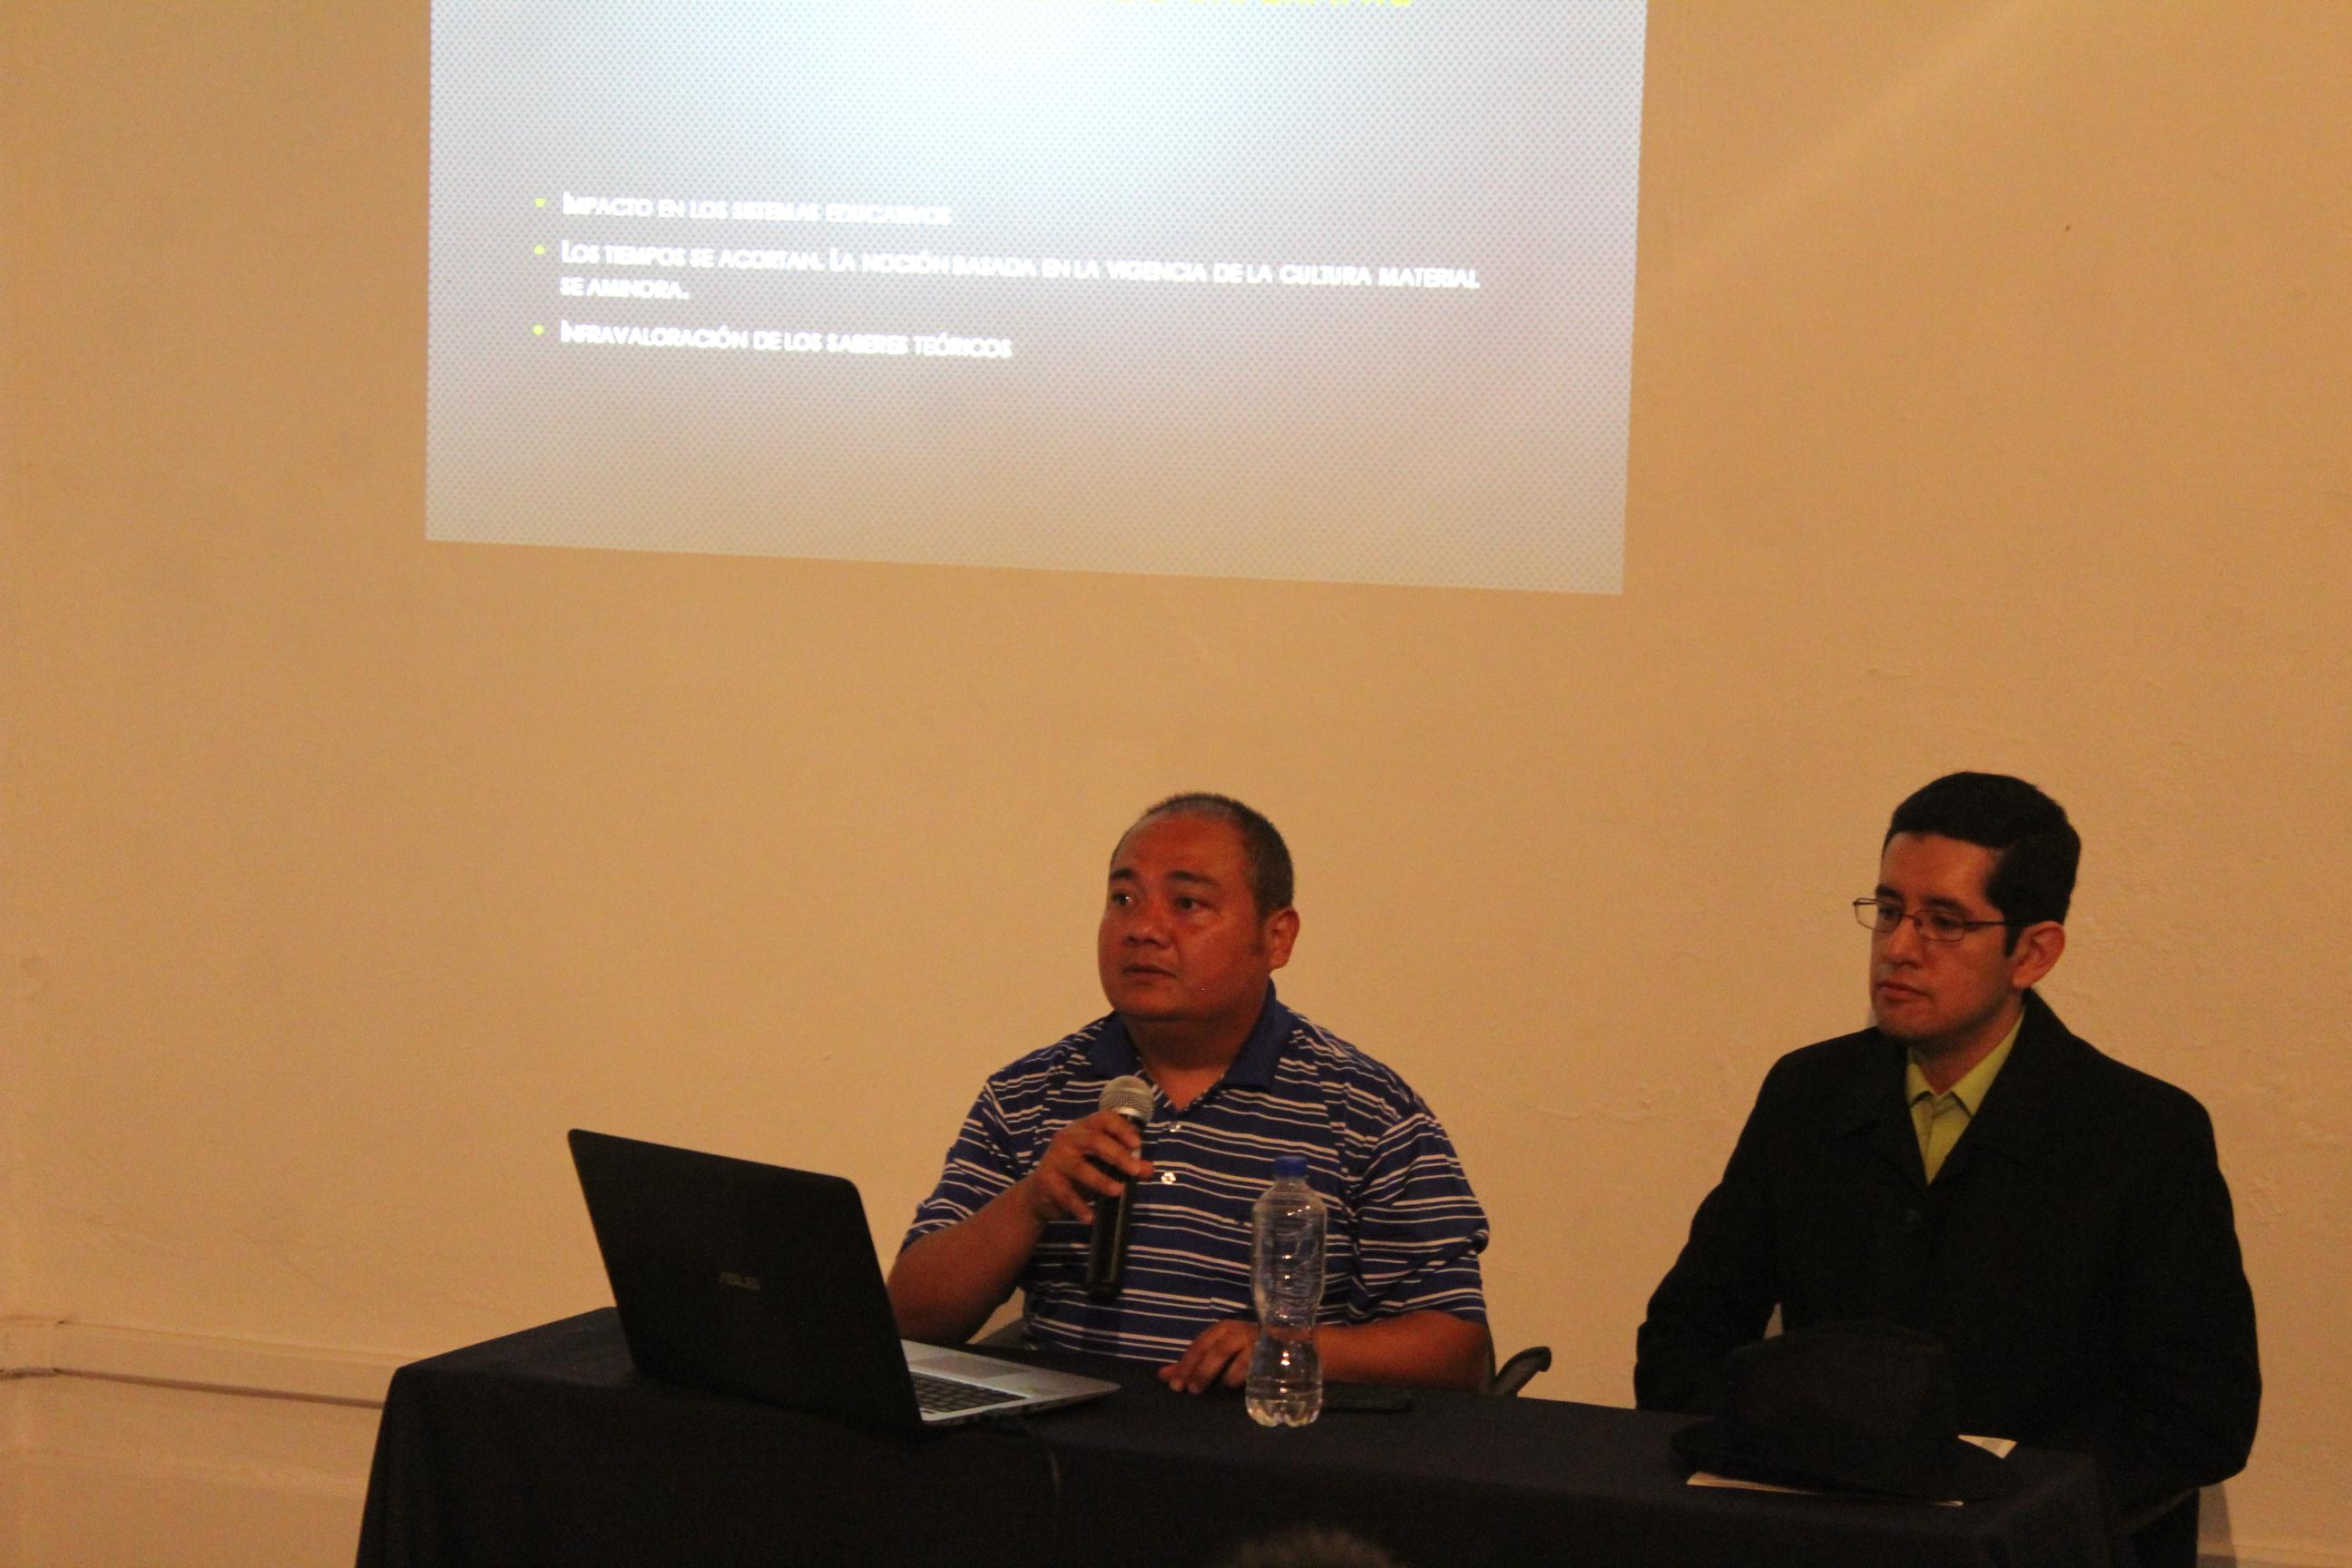 El doctor Christian Luna presentó ante estudiantes y egresados su ponencia